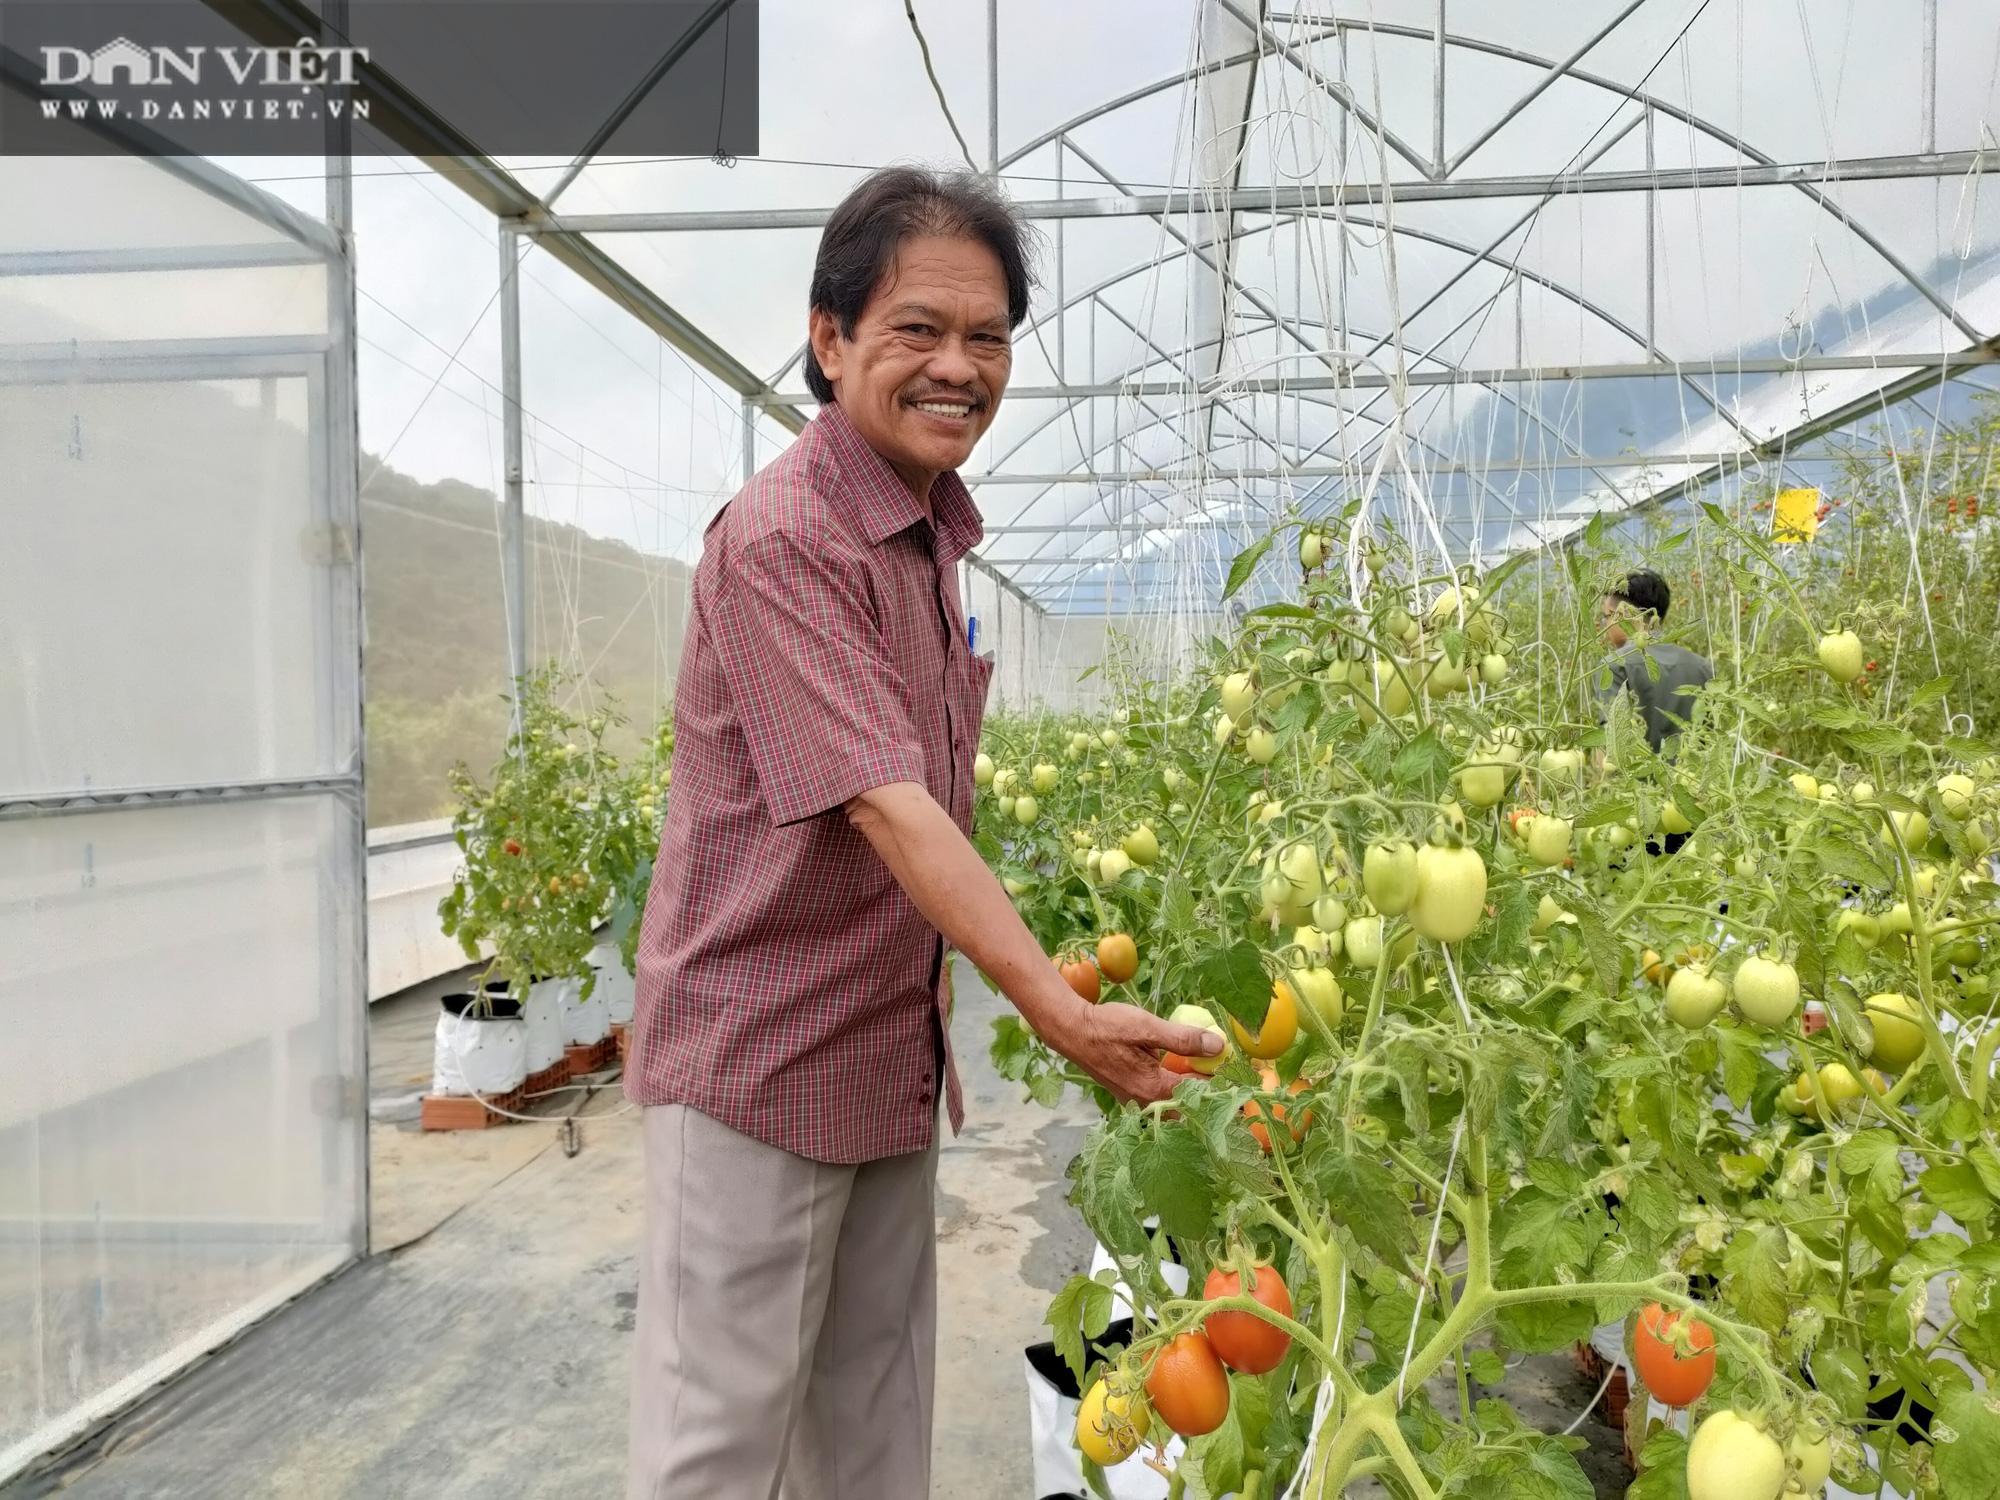 """Bình Định: Ứng dụng khoa học vào sản xuất nông nghiệp công nghệ cao, nông dân muốn mang đến sản phẩm """"siêu sạch"""" - Ảnh 3."""